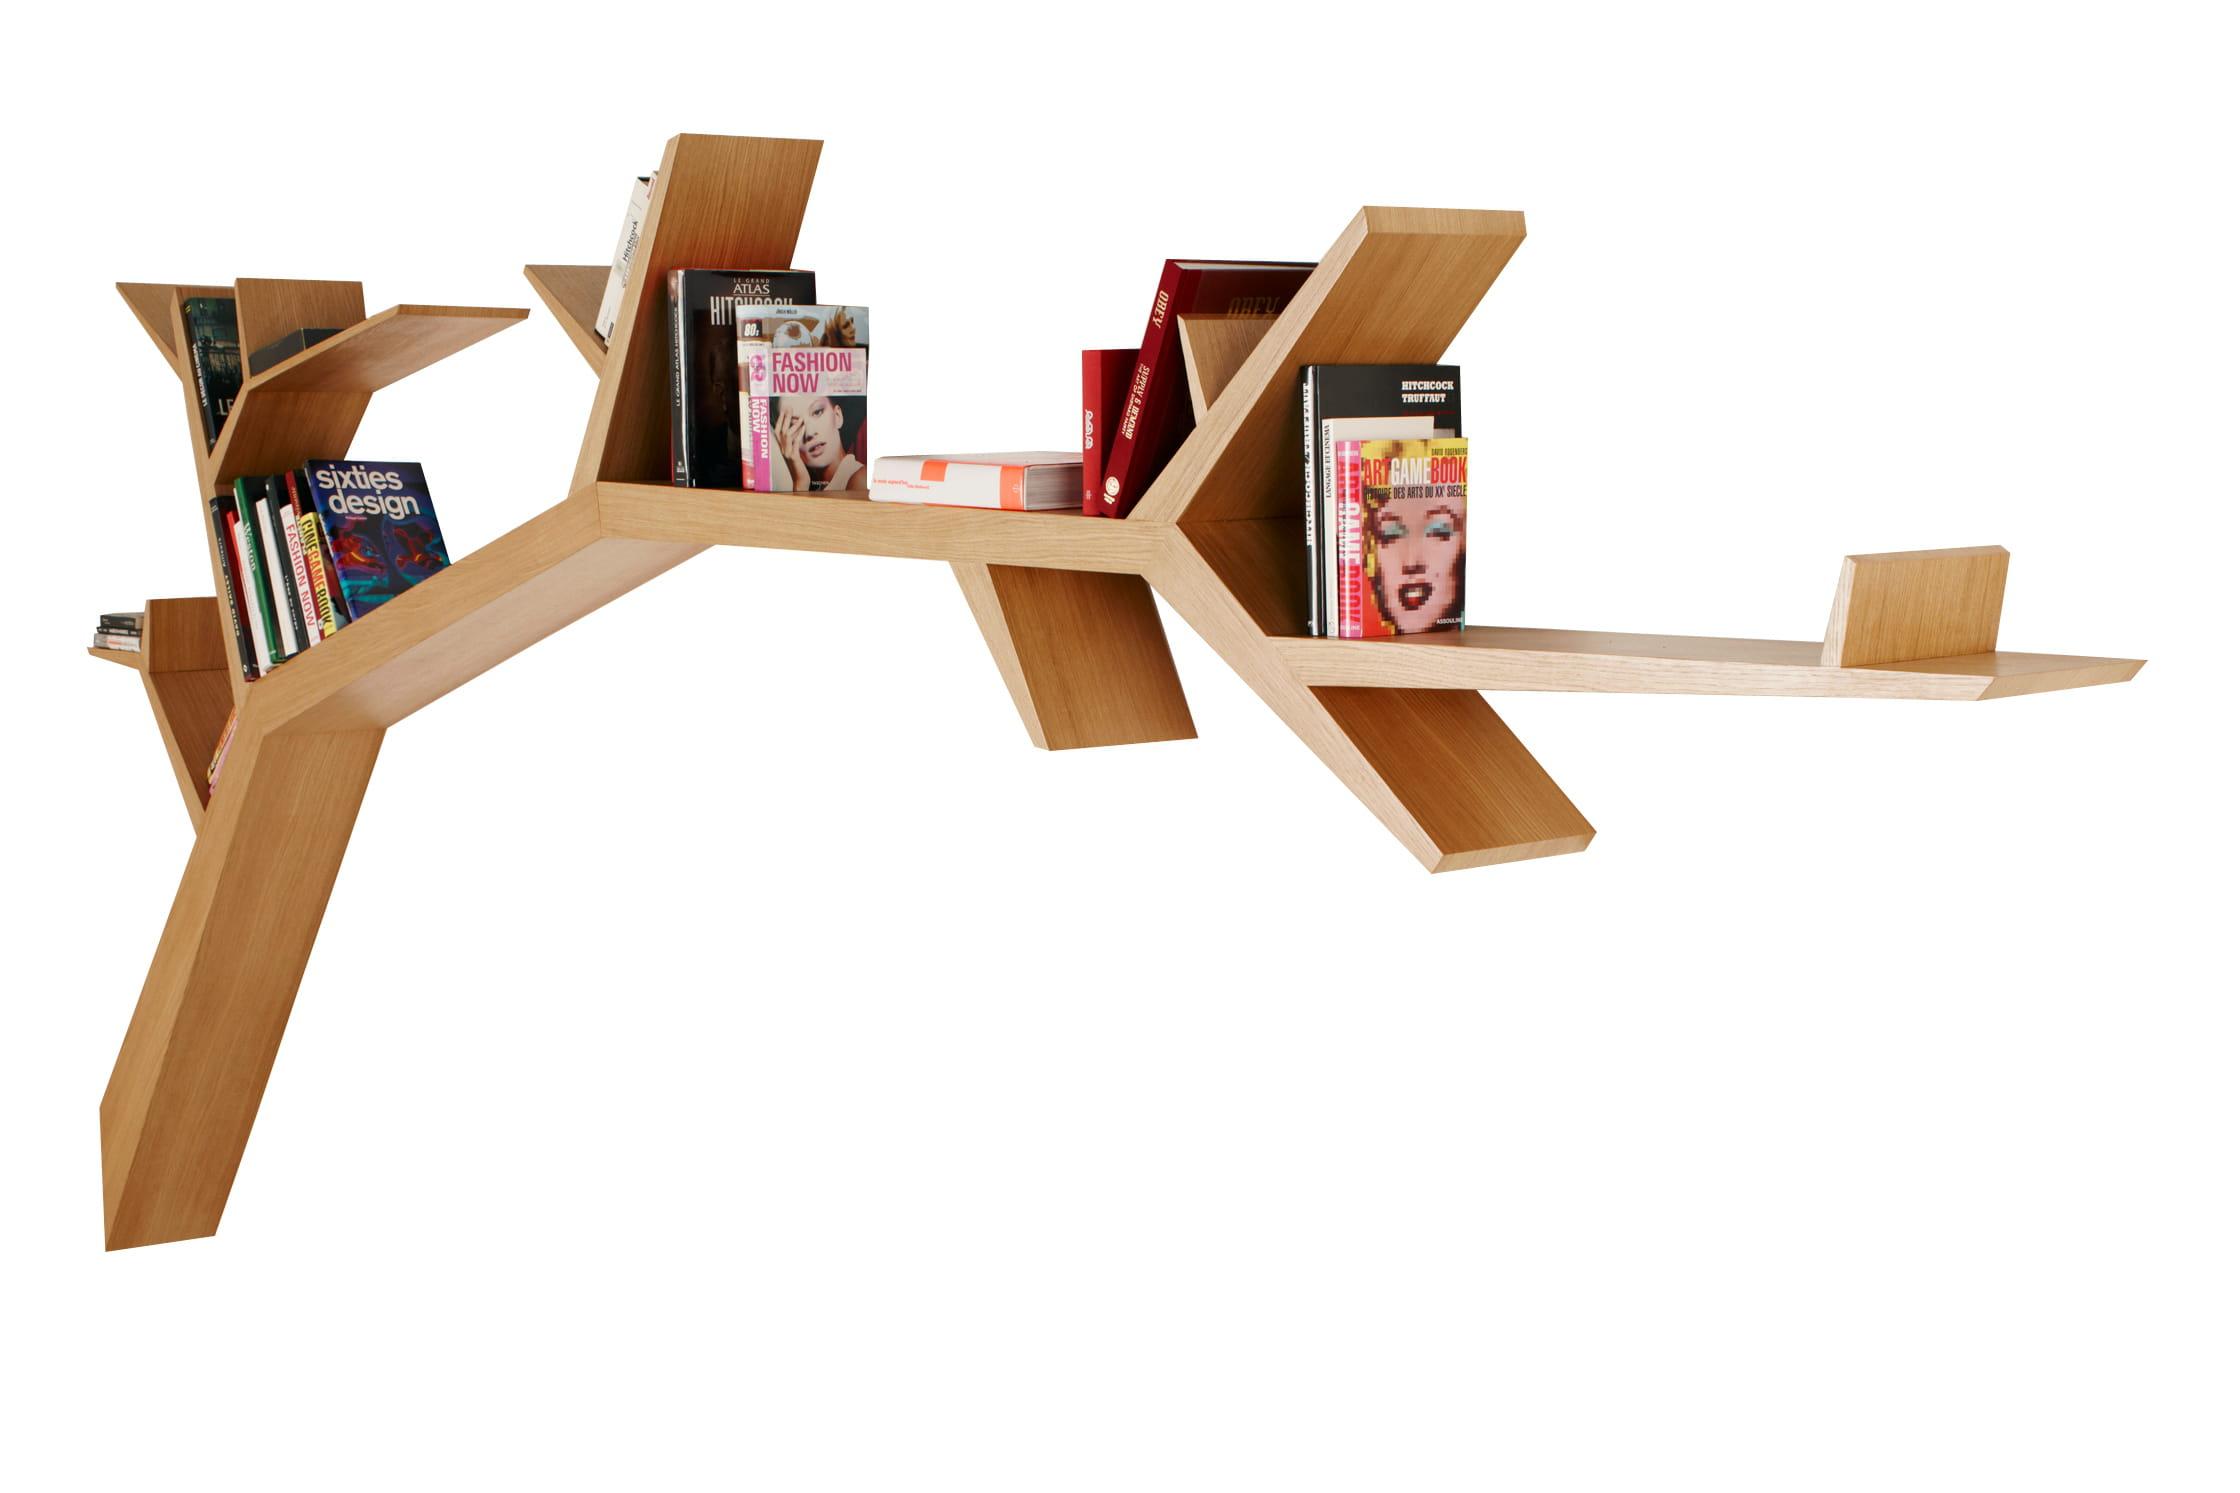 Des tag res tendance qui donnent envie de tout ranger - Selection meubles accessoires tendance chez dawanda ...